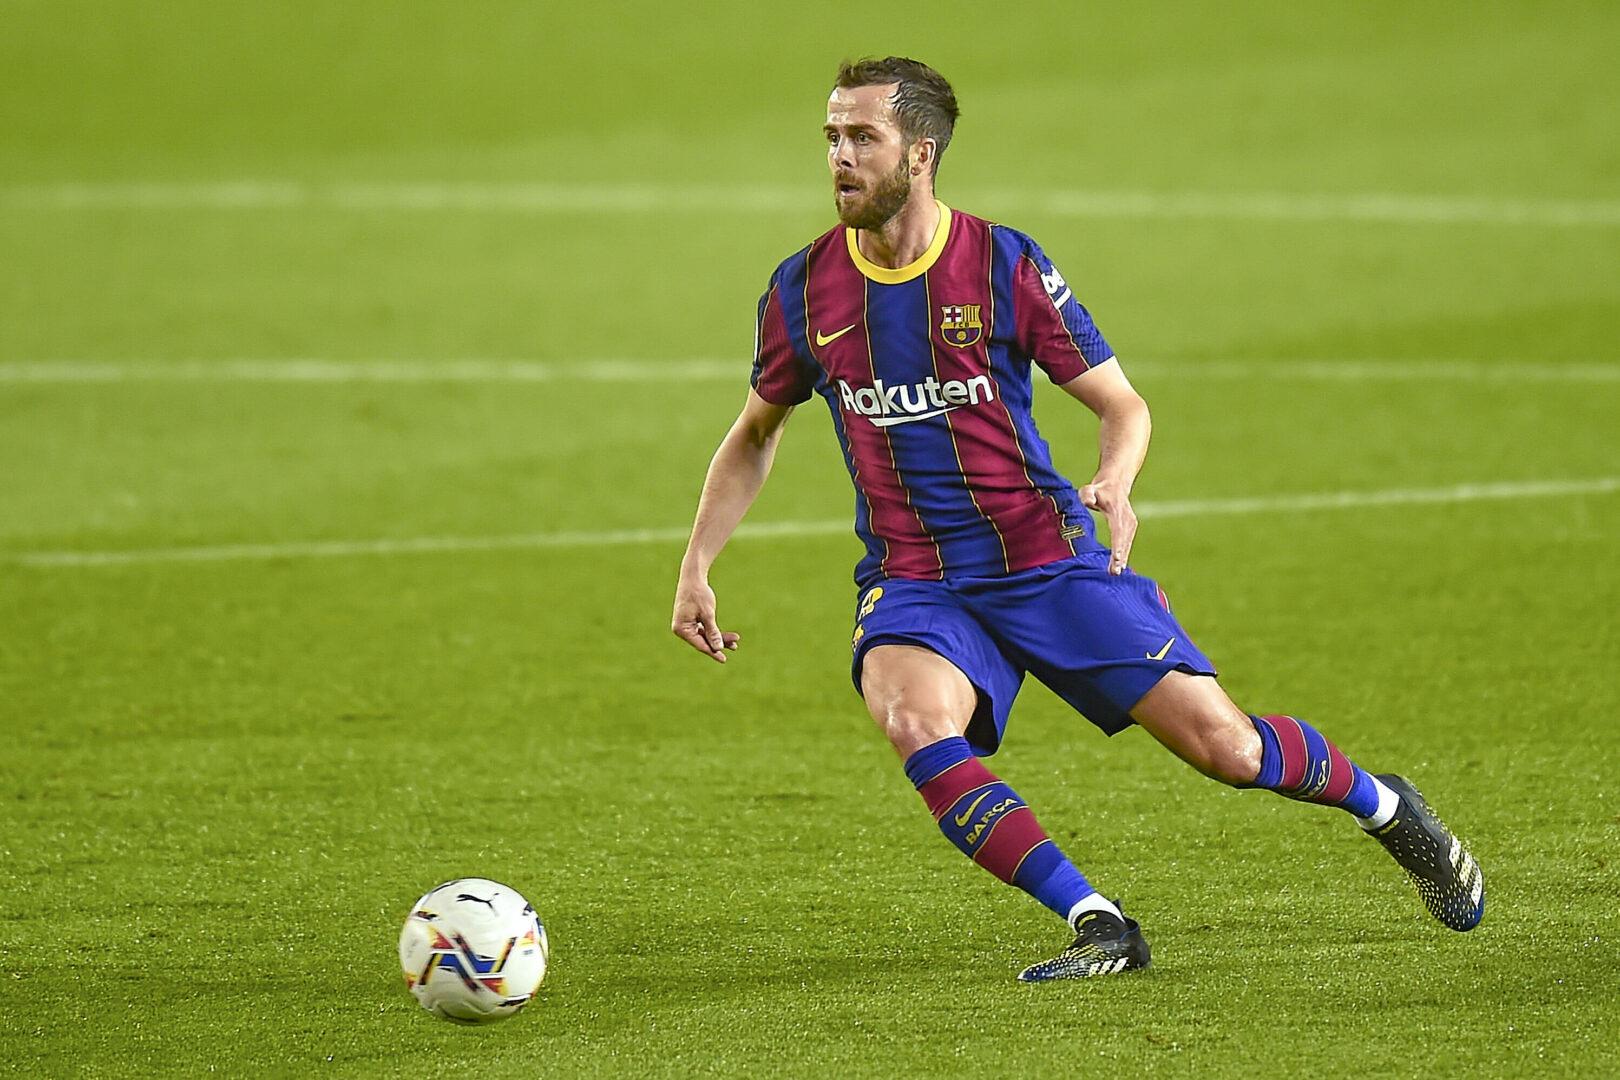 FC Barcelona denkt über Vertragsauflösungen von Umtiti und Pjanic nach